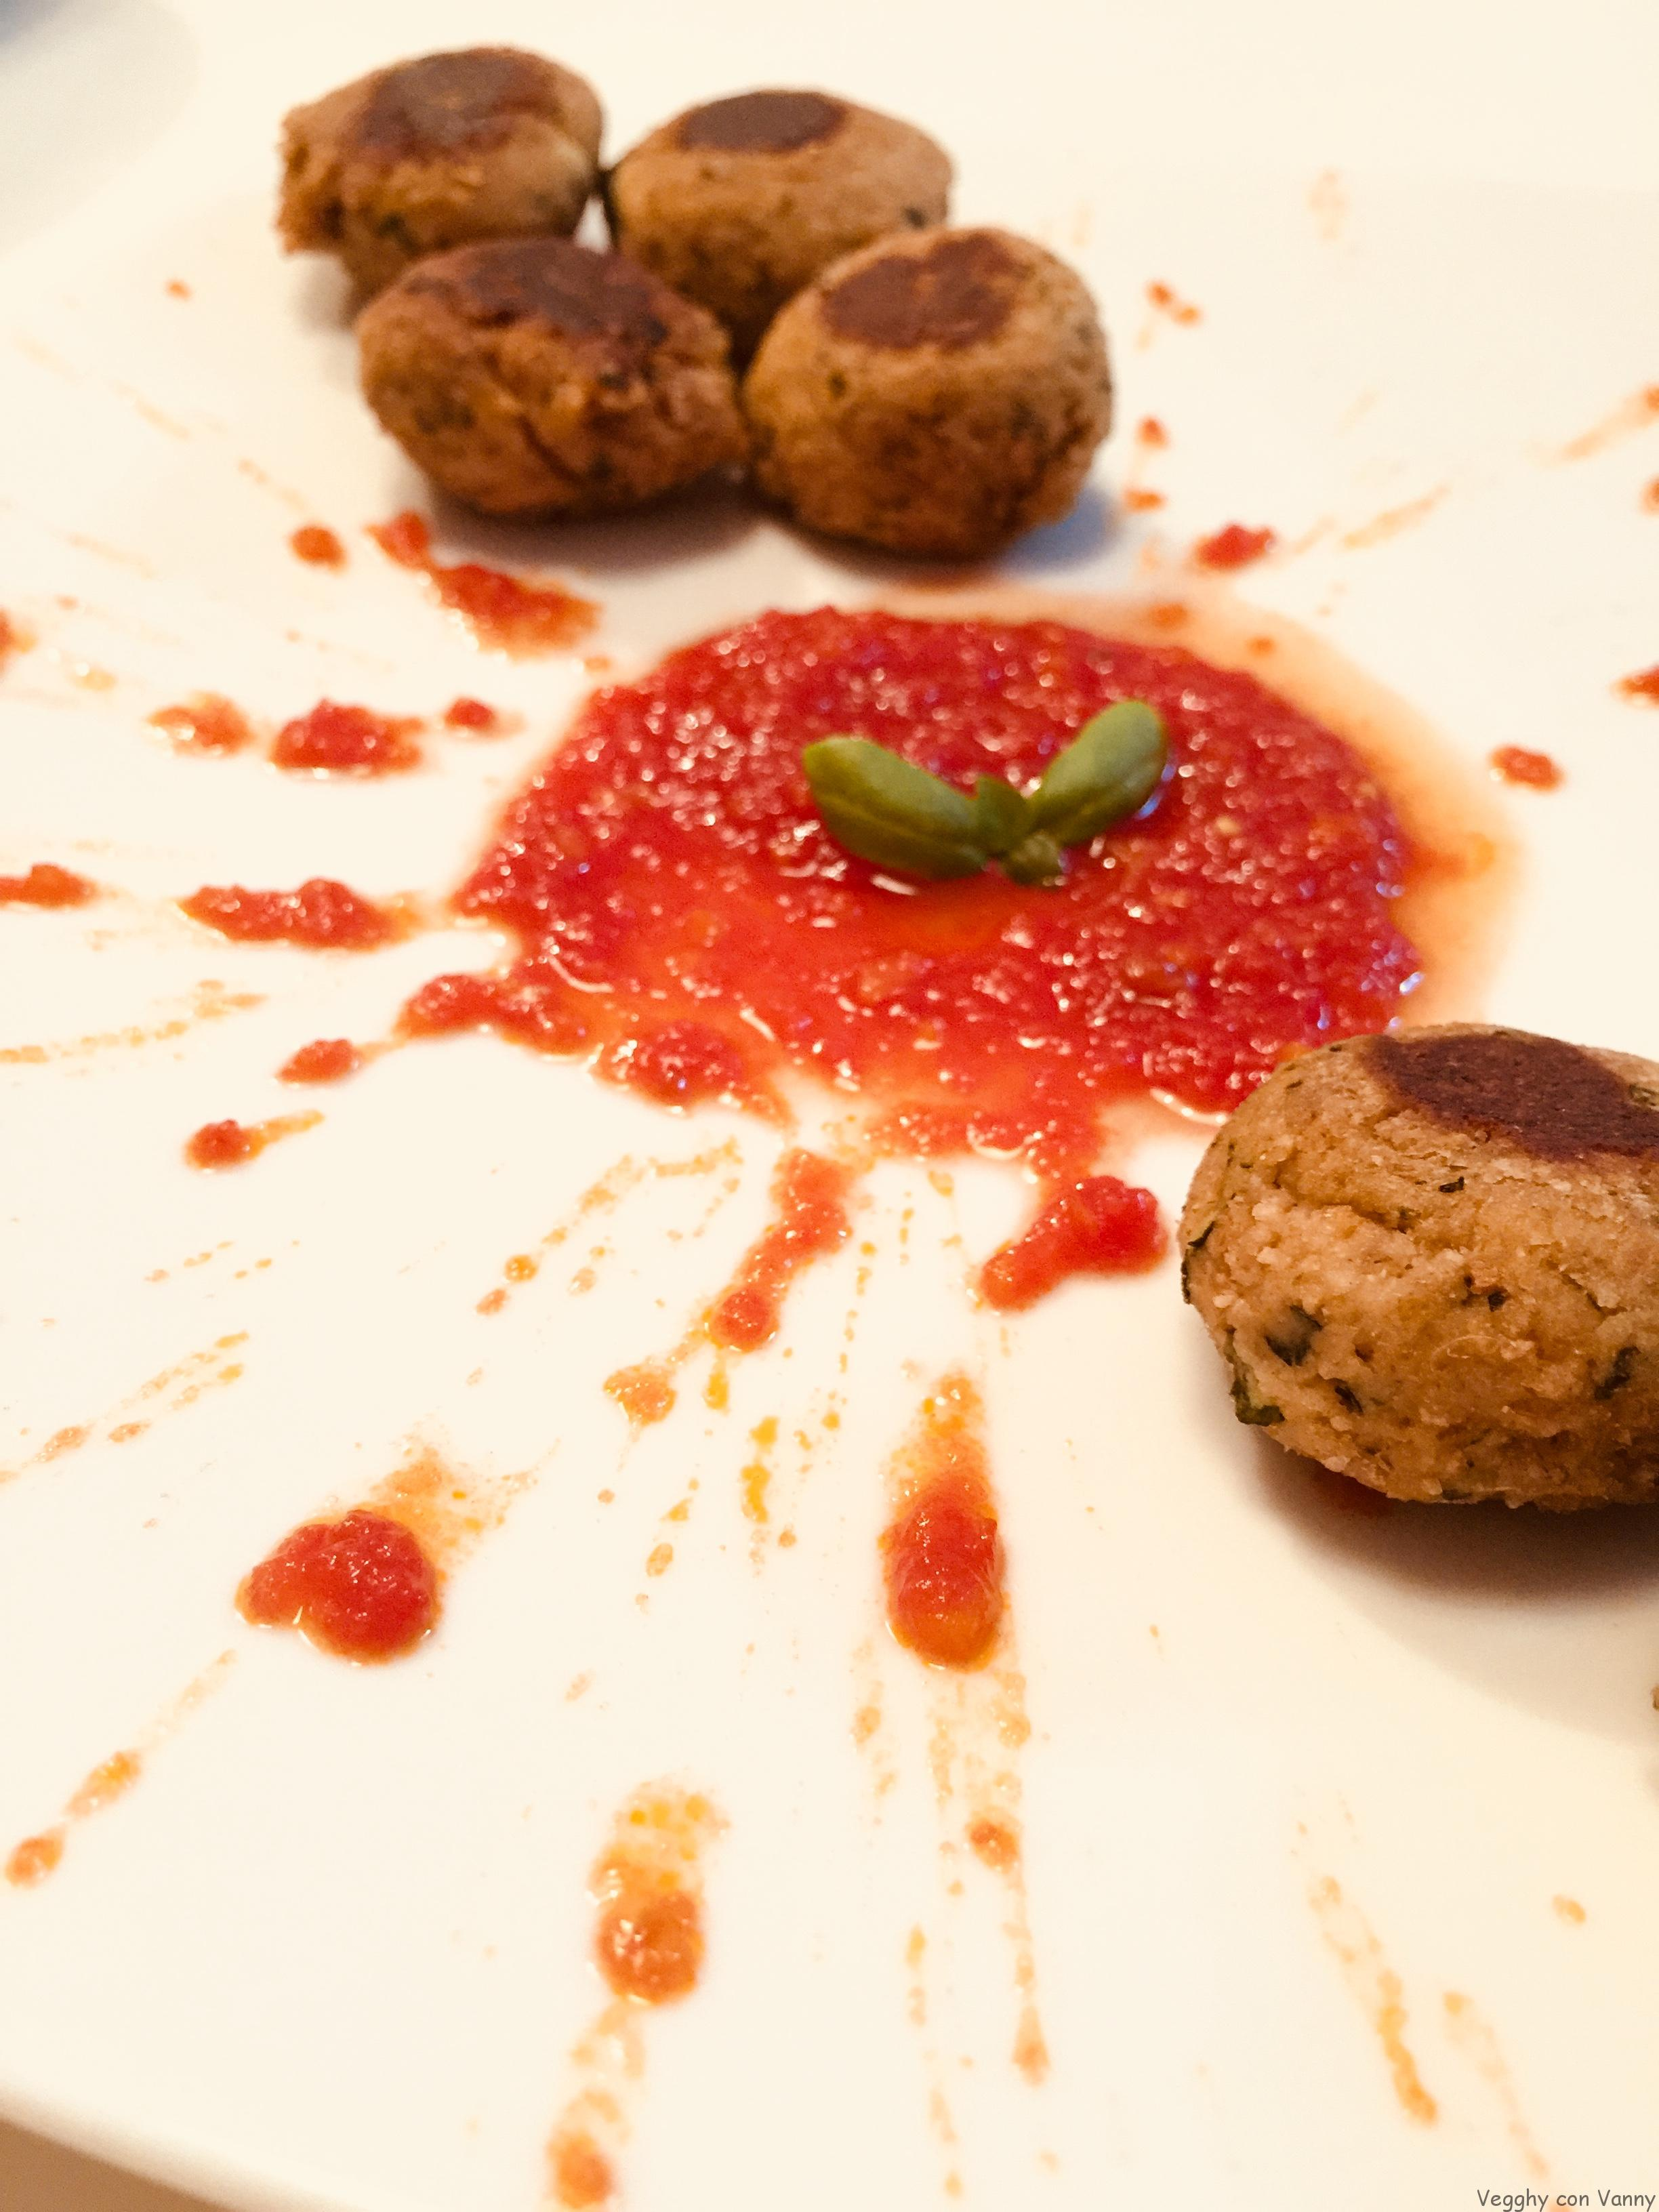 Polpette di zucchine e pane integrale con salsa di pomodoro